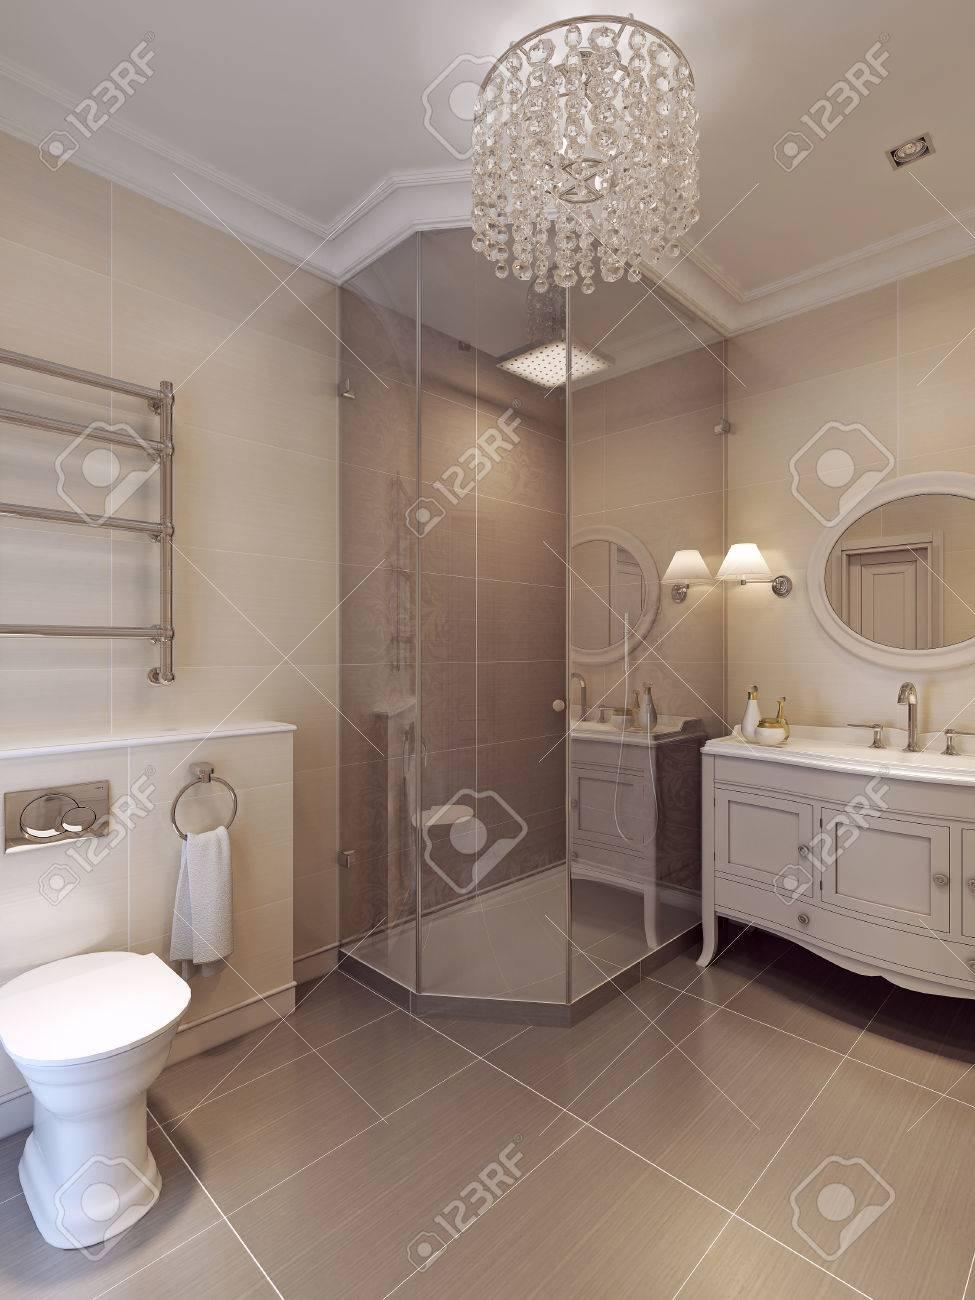 Ein Bad In Modernem Stil. Fliesenmuster In Braun Und Beige Farben ...